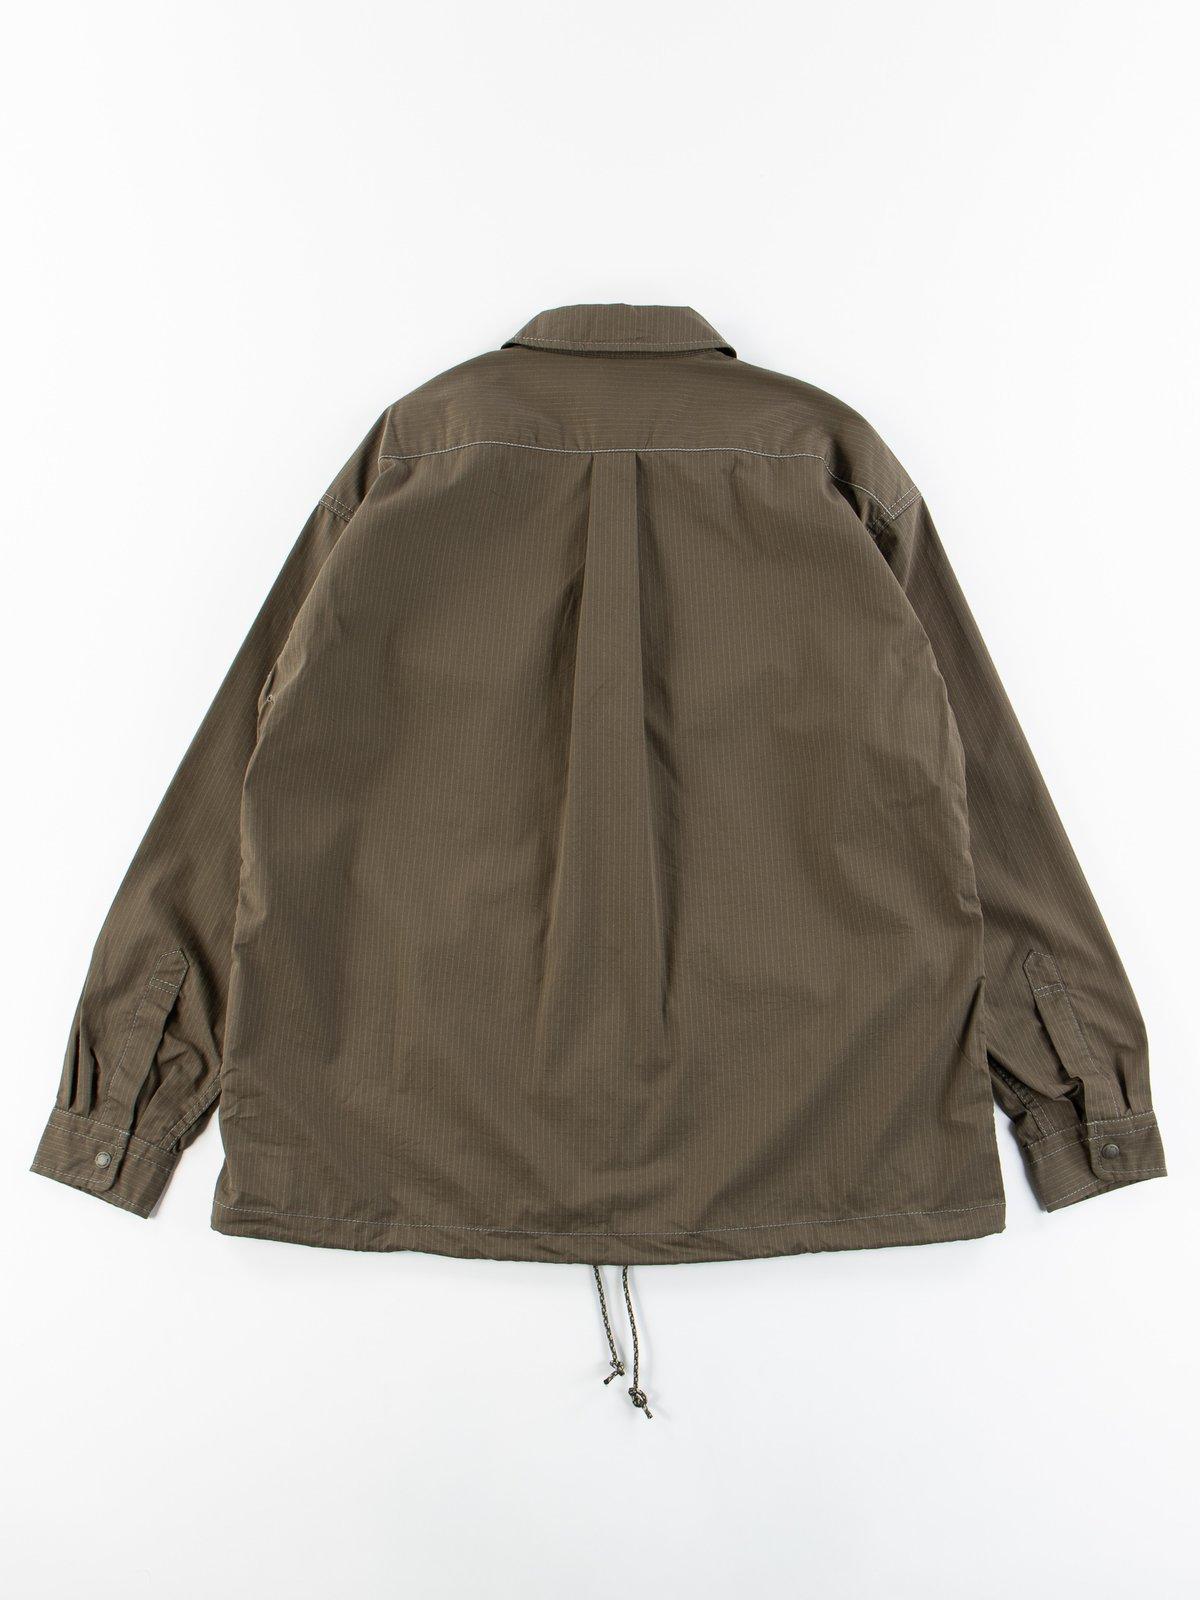 Khaki Dry Rip Shirt - Image 6